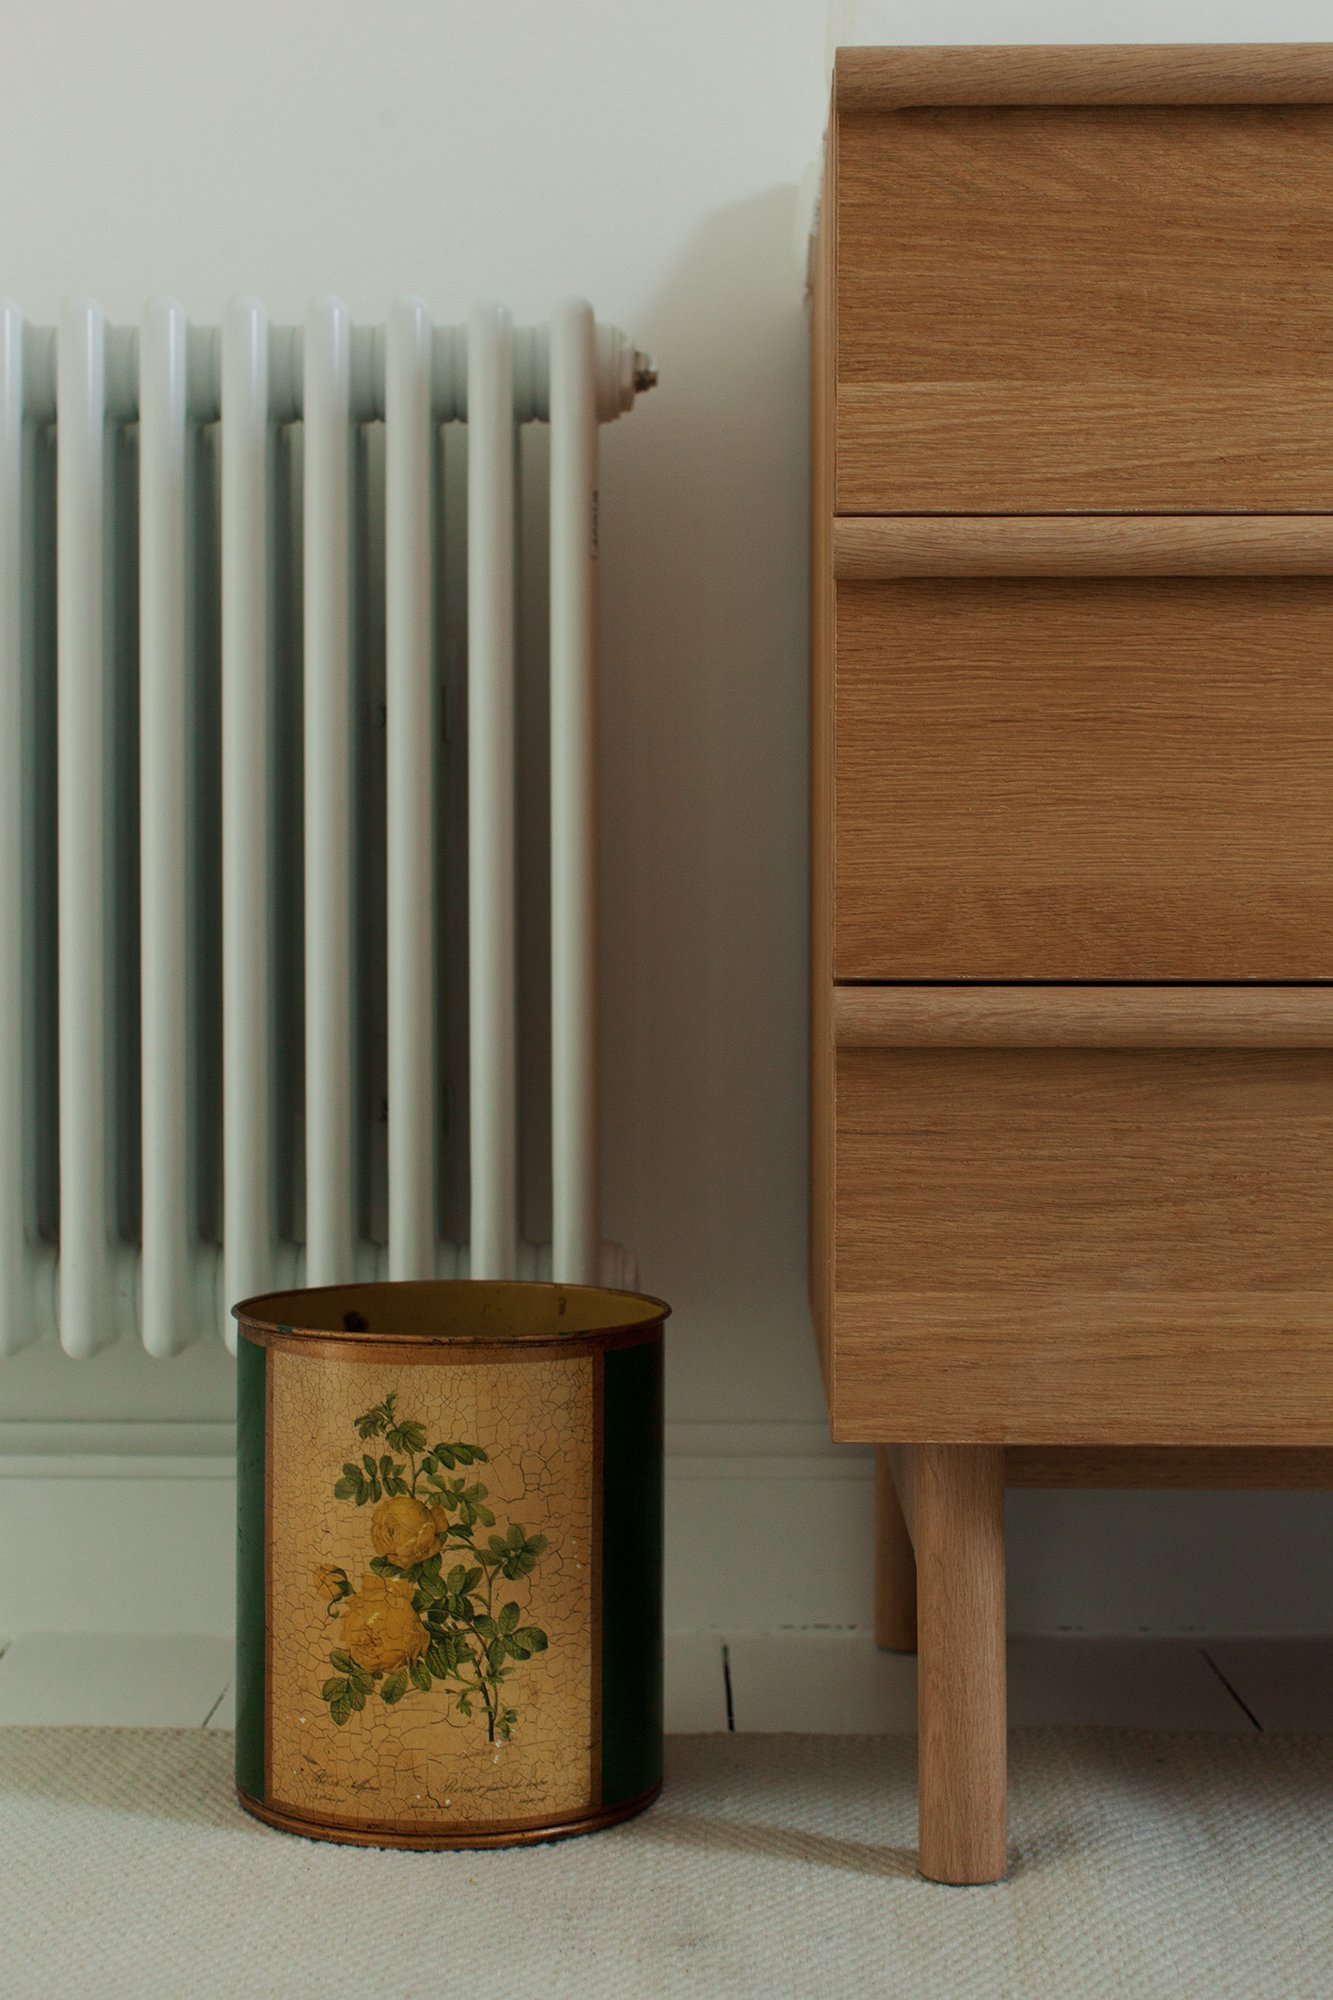 100 magasin meubles japonais bruxelles duplex for Meubles japonais belgique